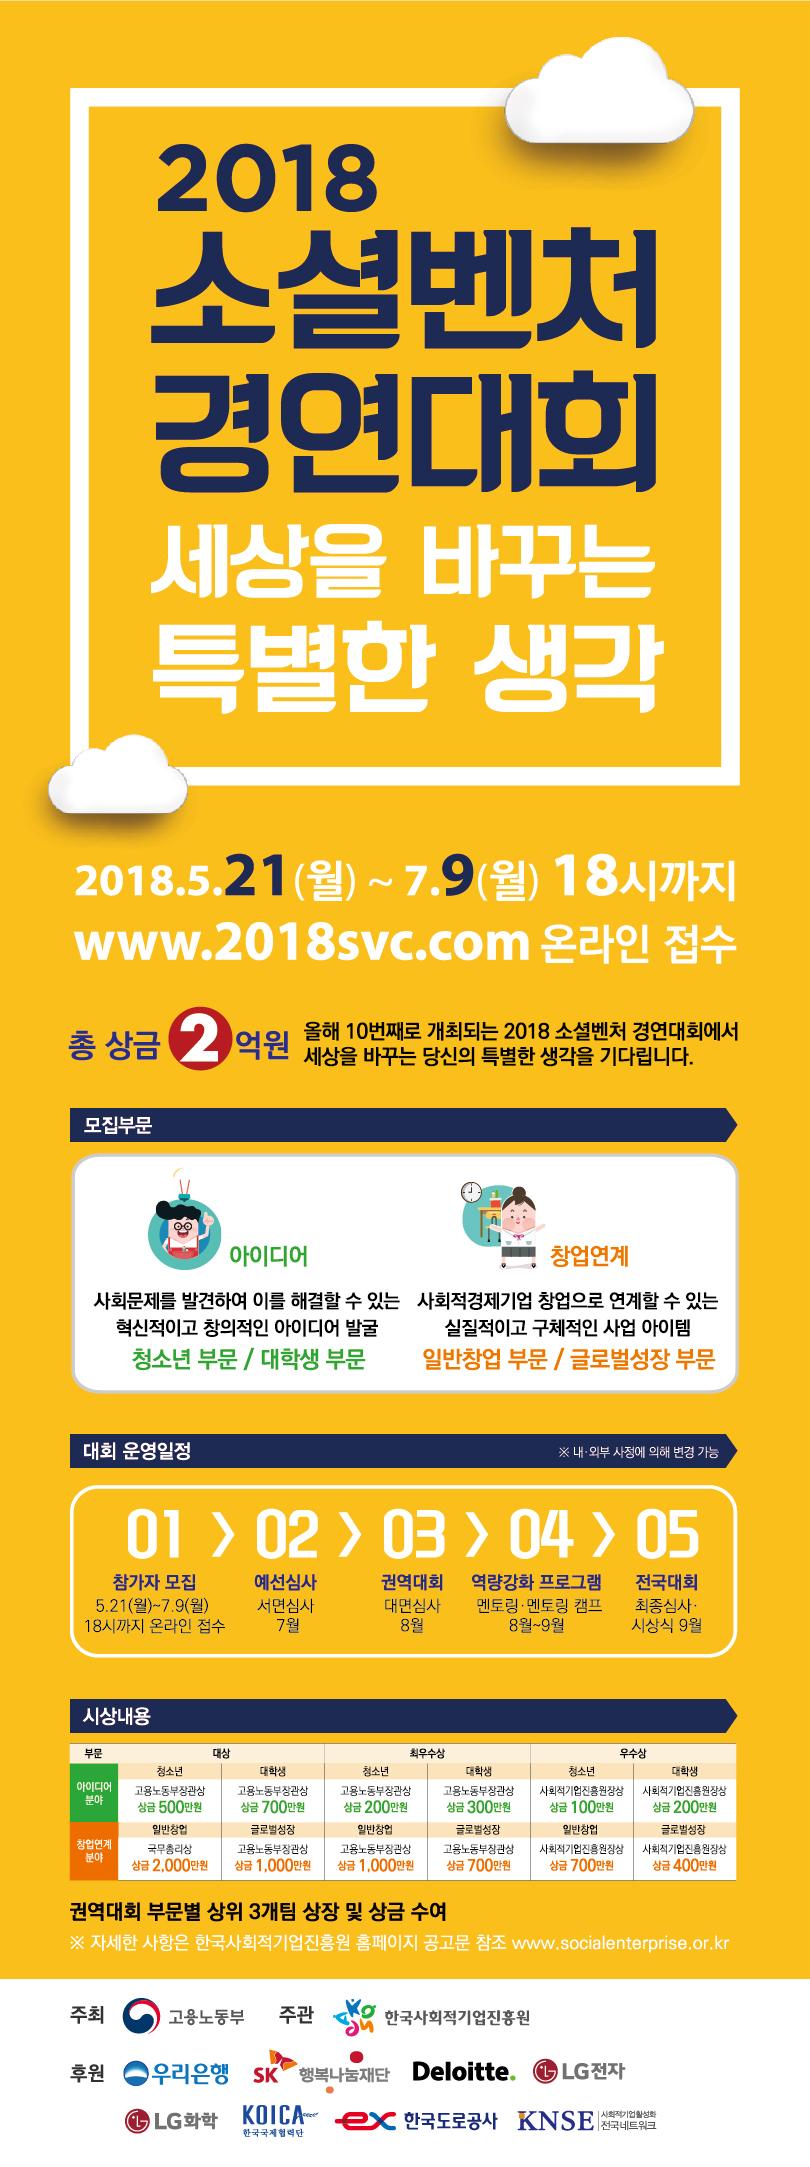 2018년 소셜벤처 경연대회